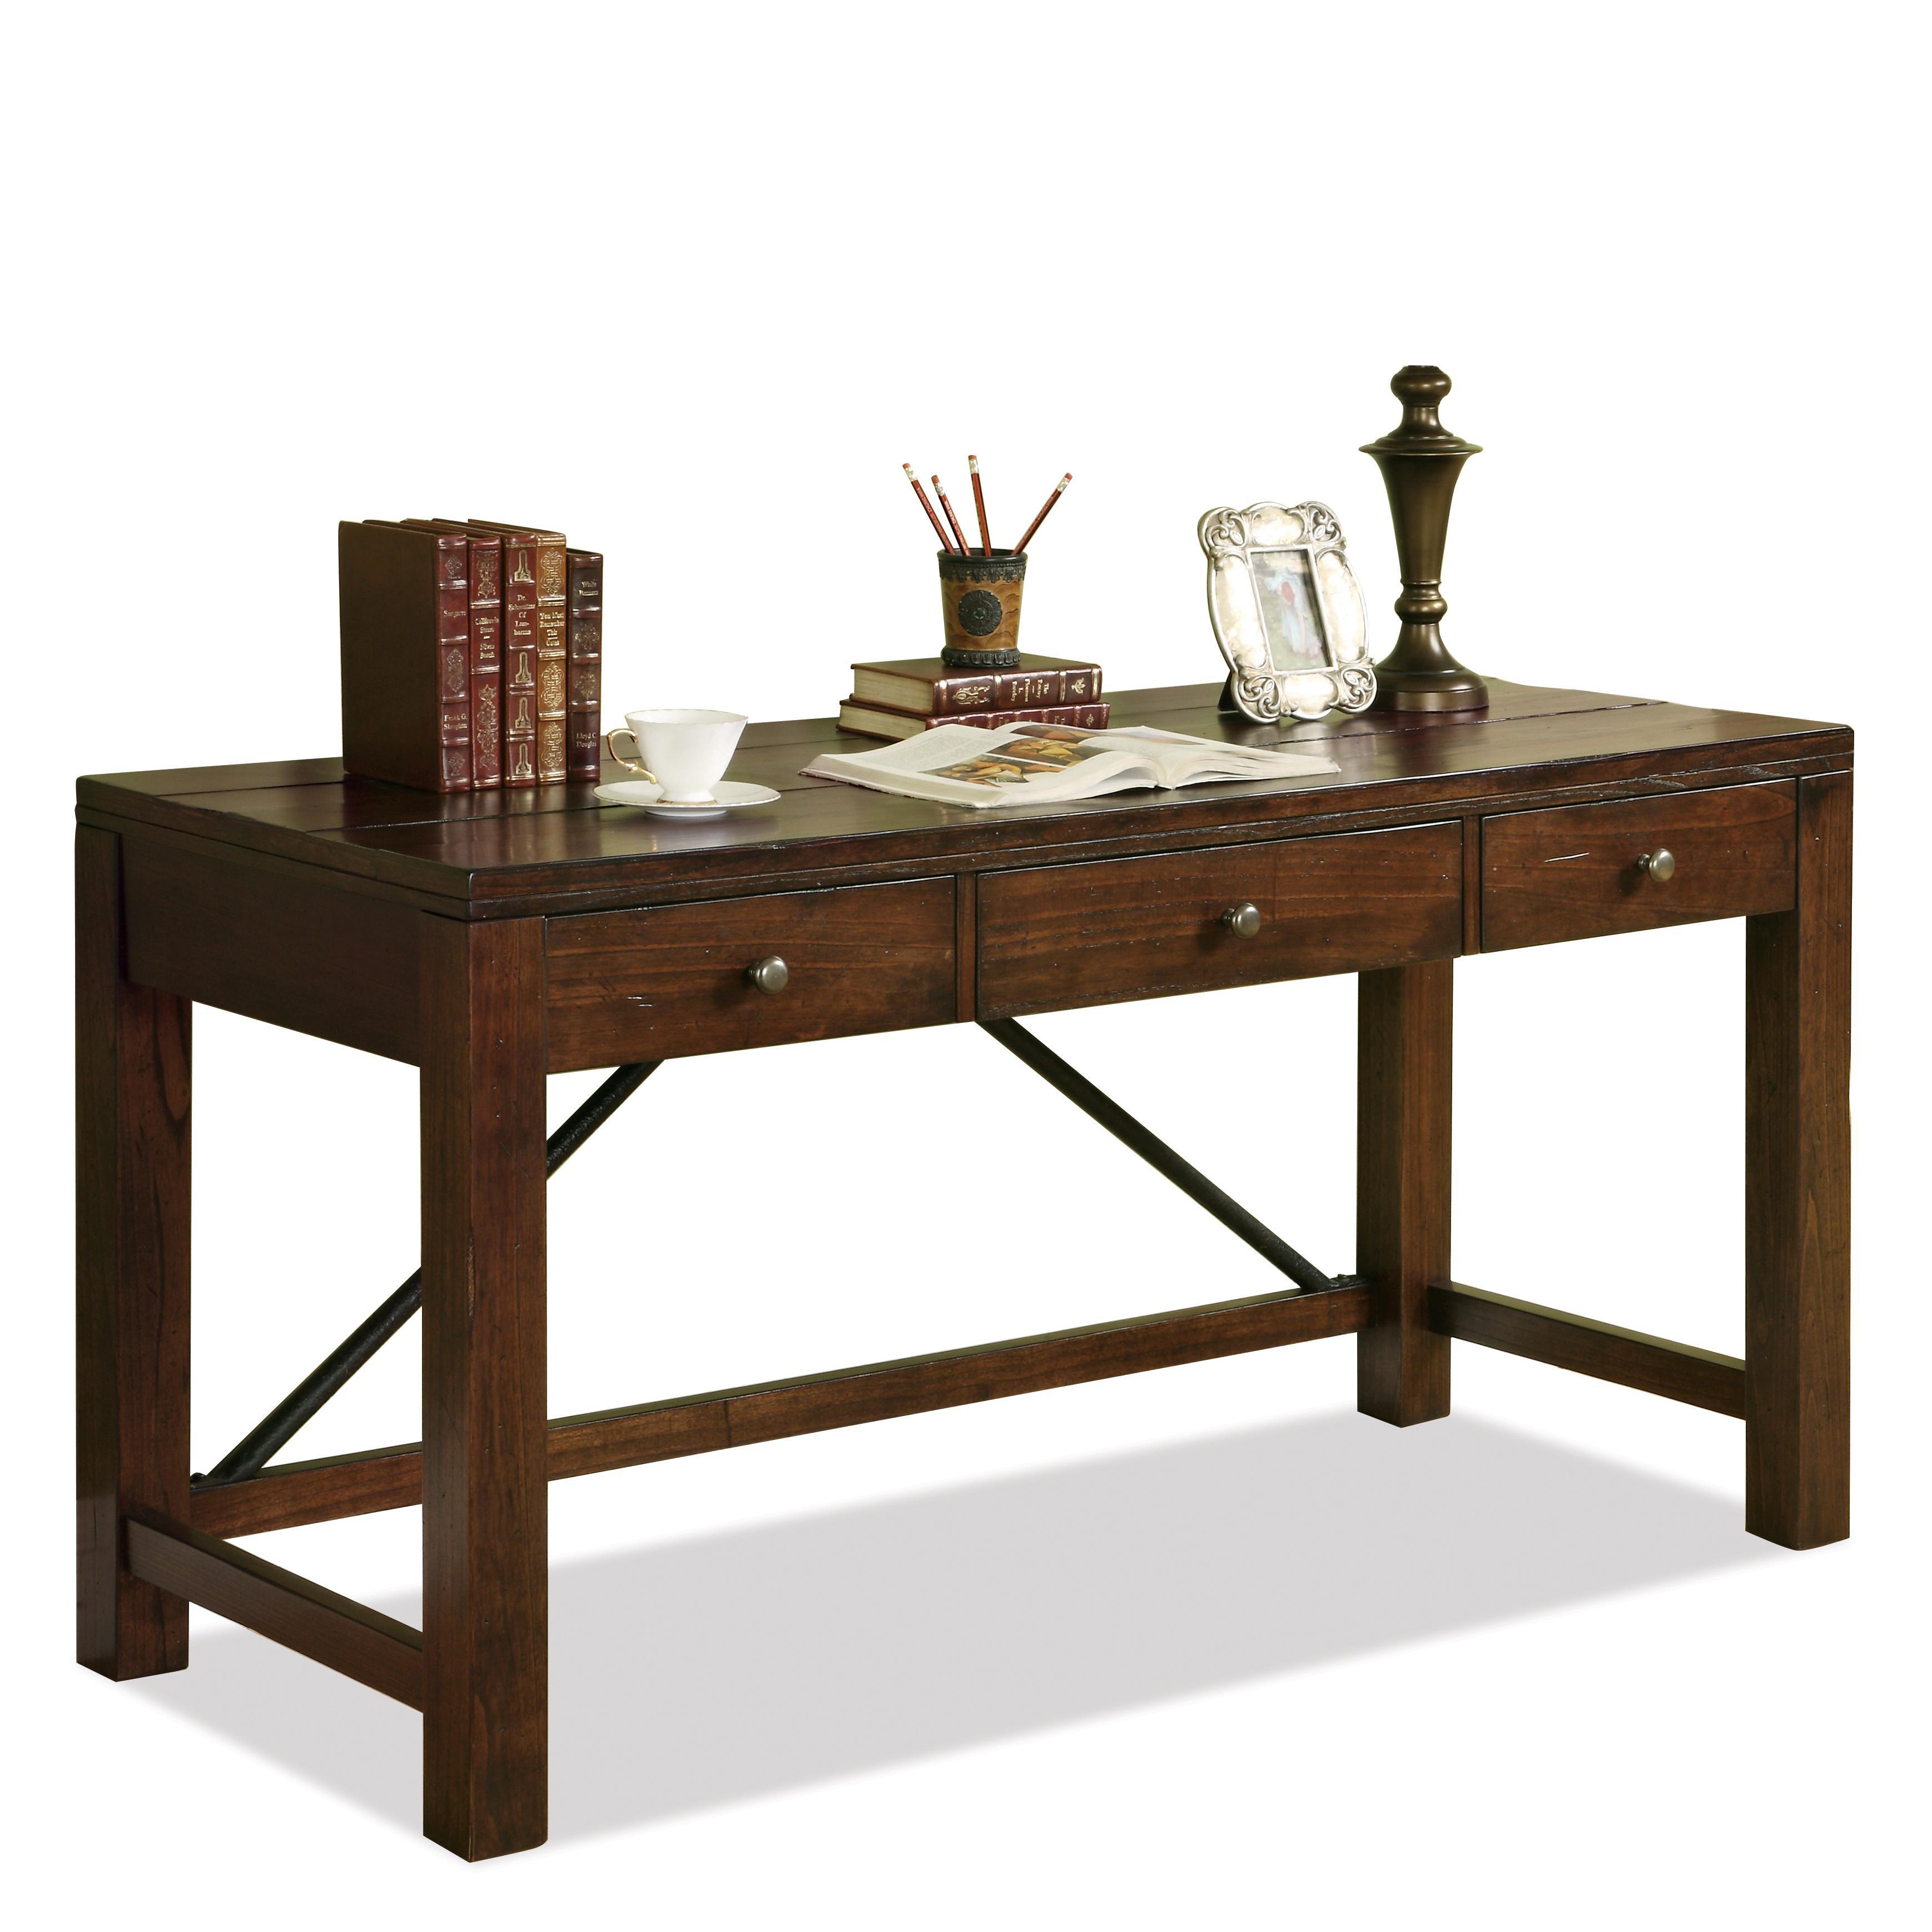 Riverside Furniture Castlewood Table Desk - Item Number: 33530